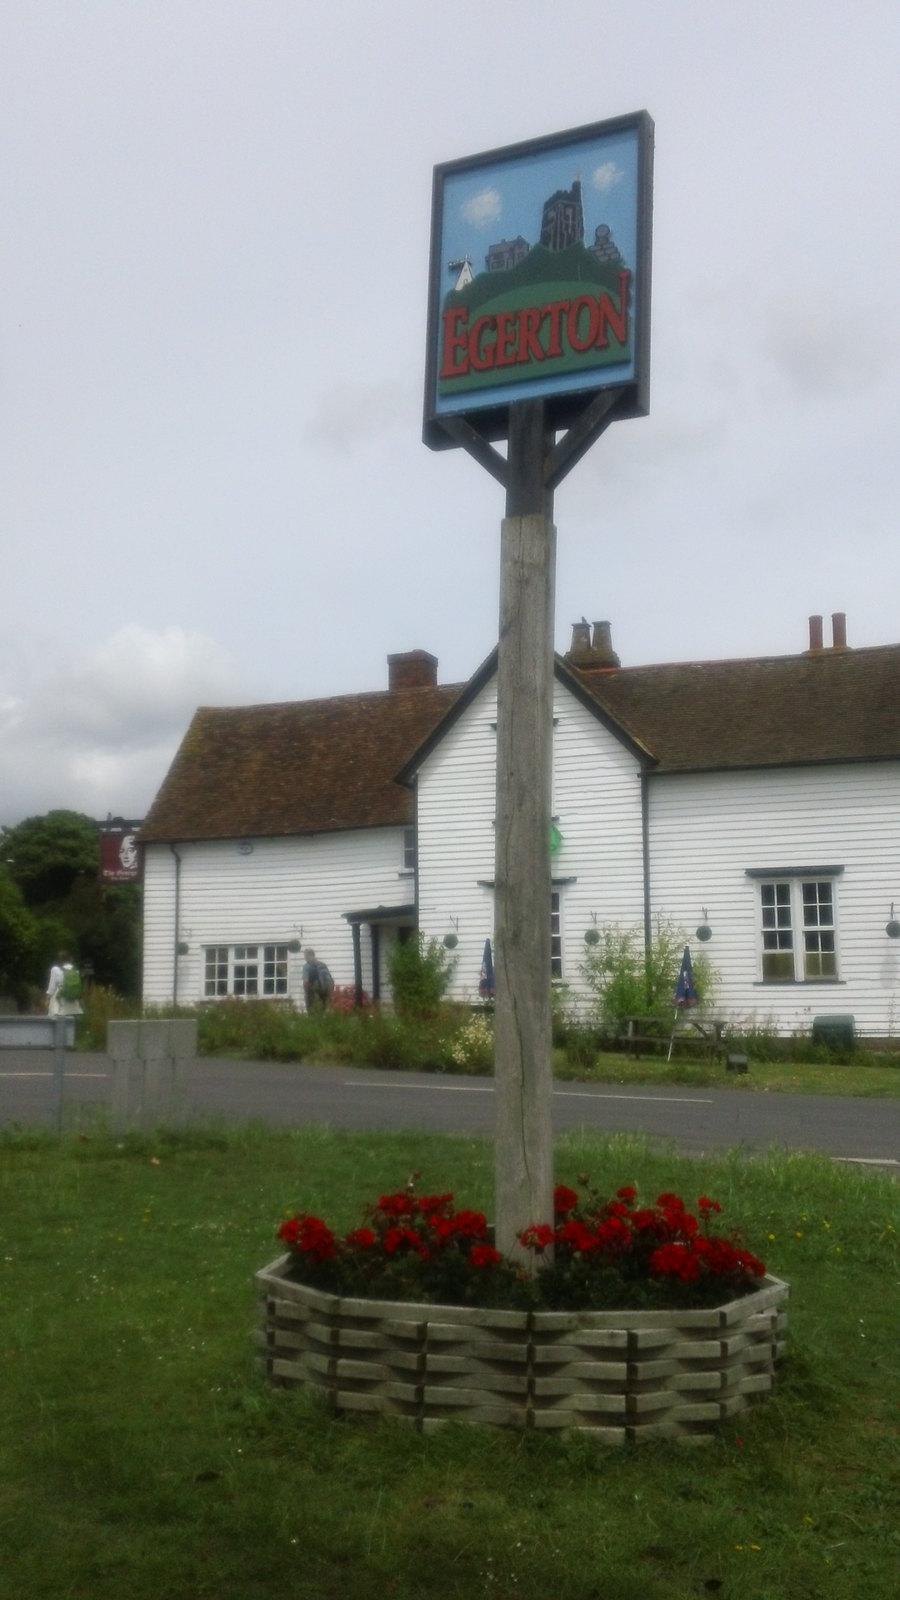 Egerton village last pub for lunch on the longer walk route